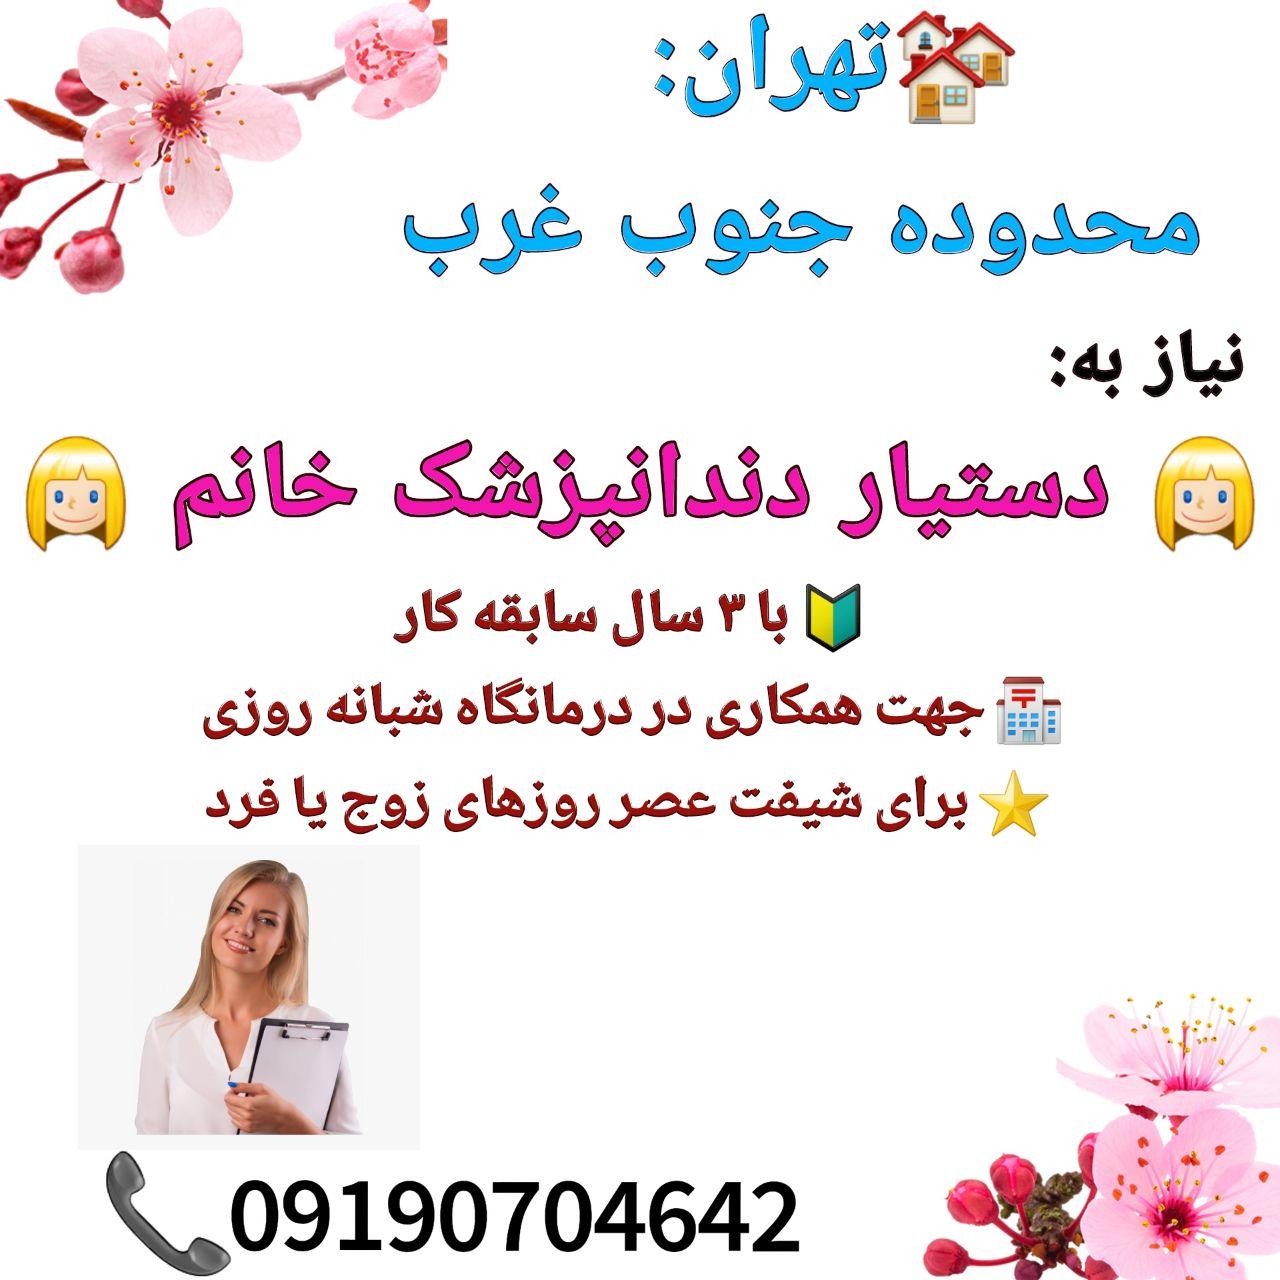 تهران: محدوده جنوب غرب، نیاز دستیار دندانپزشک خانم